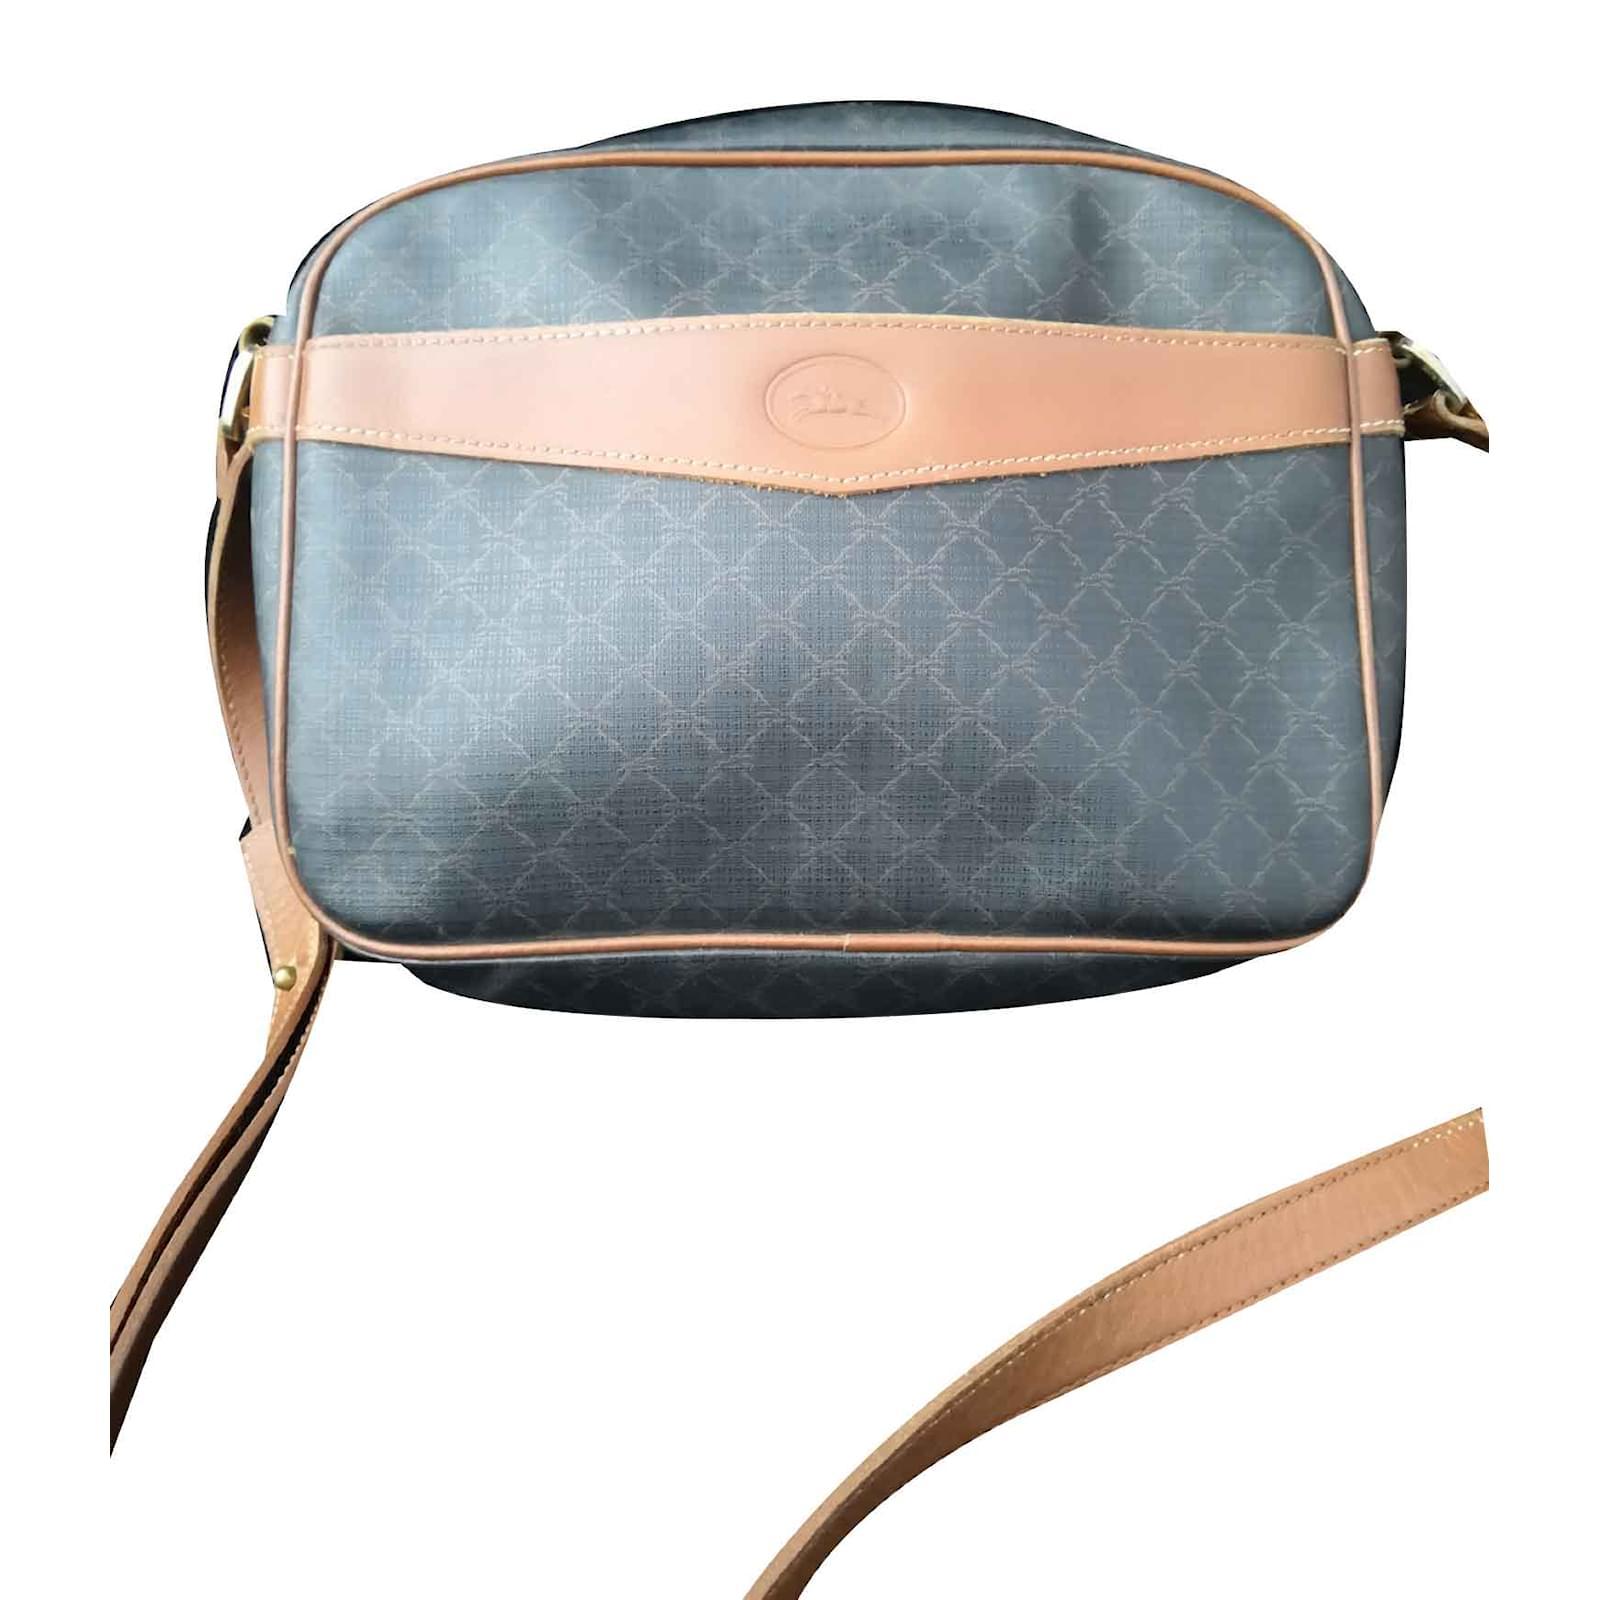 Nice vintage Longchamp bag